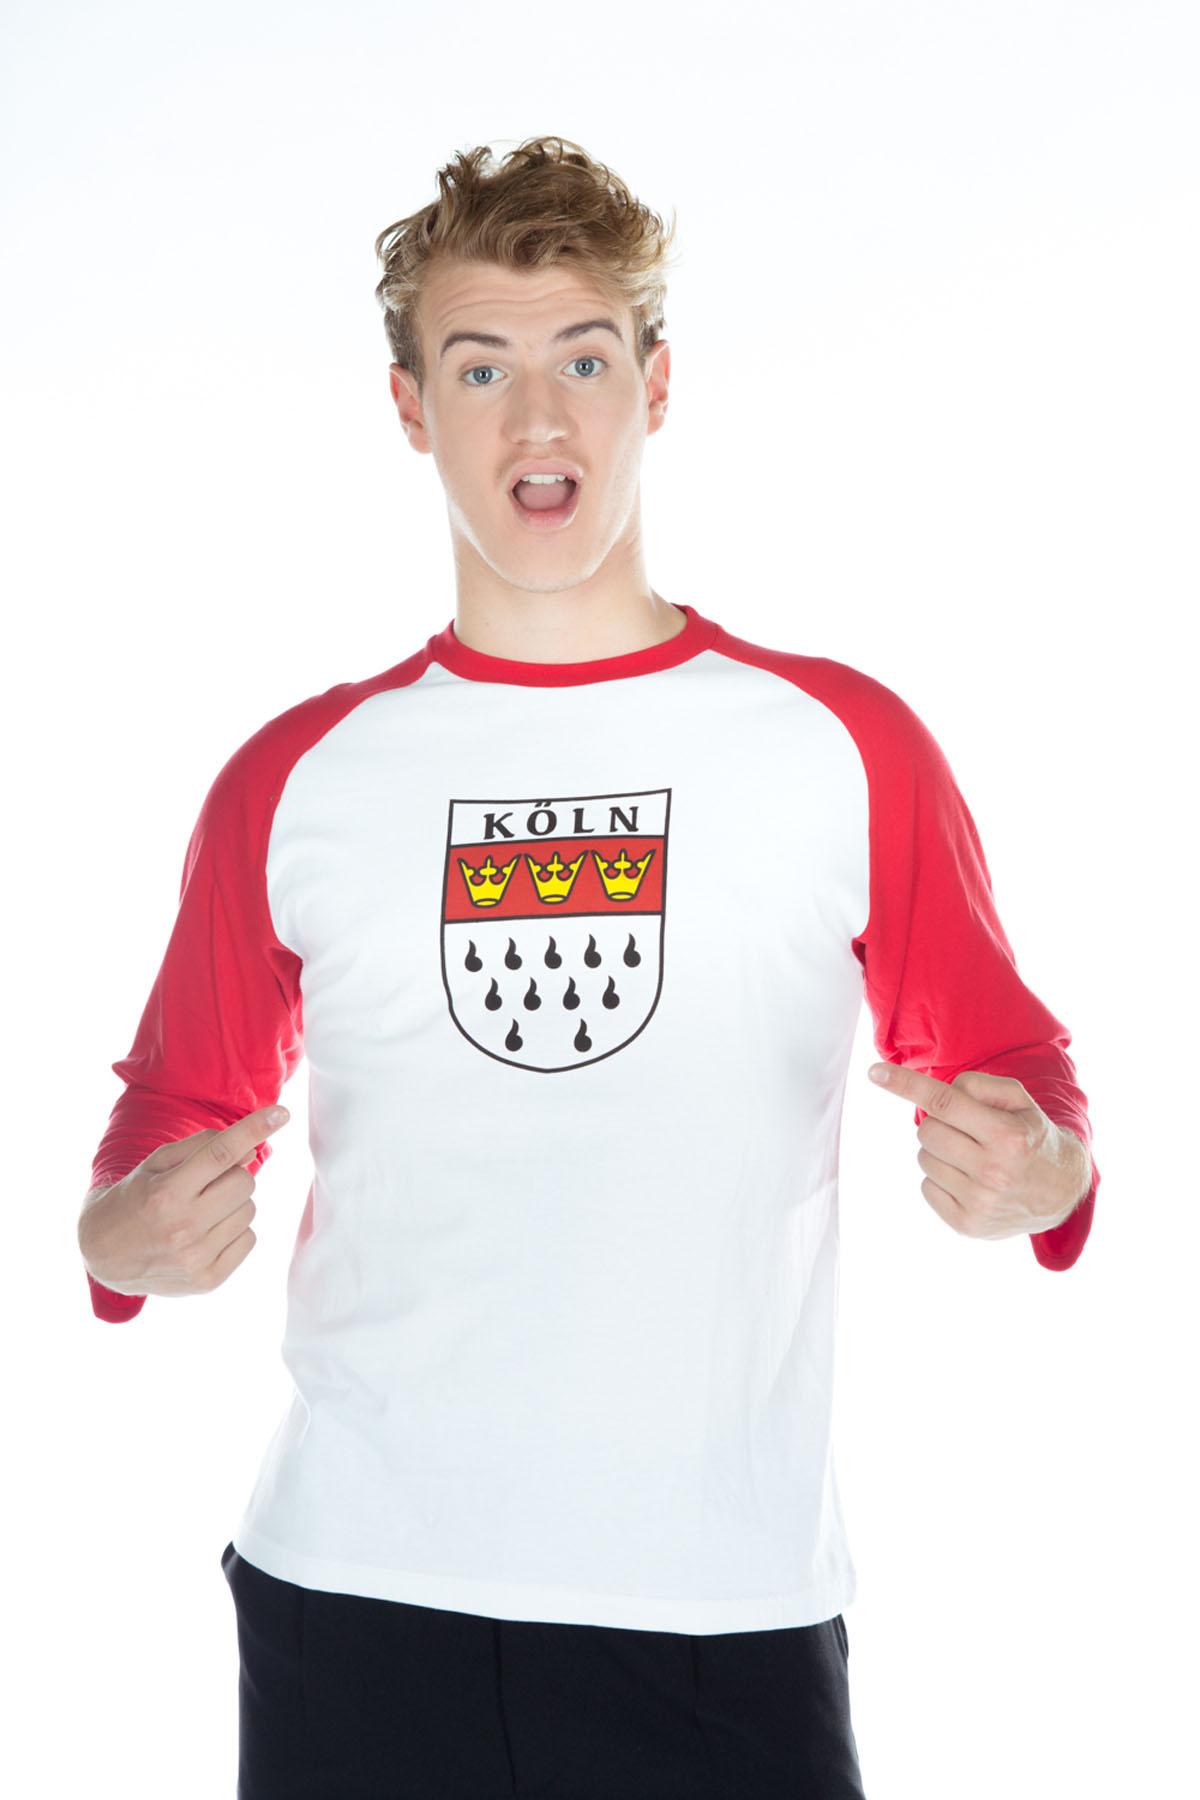 085505b61837 Köln T-Shirt Rot Weiss (langarm) bei karnevalswierts.com